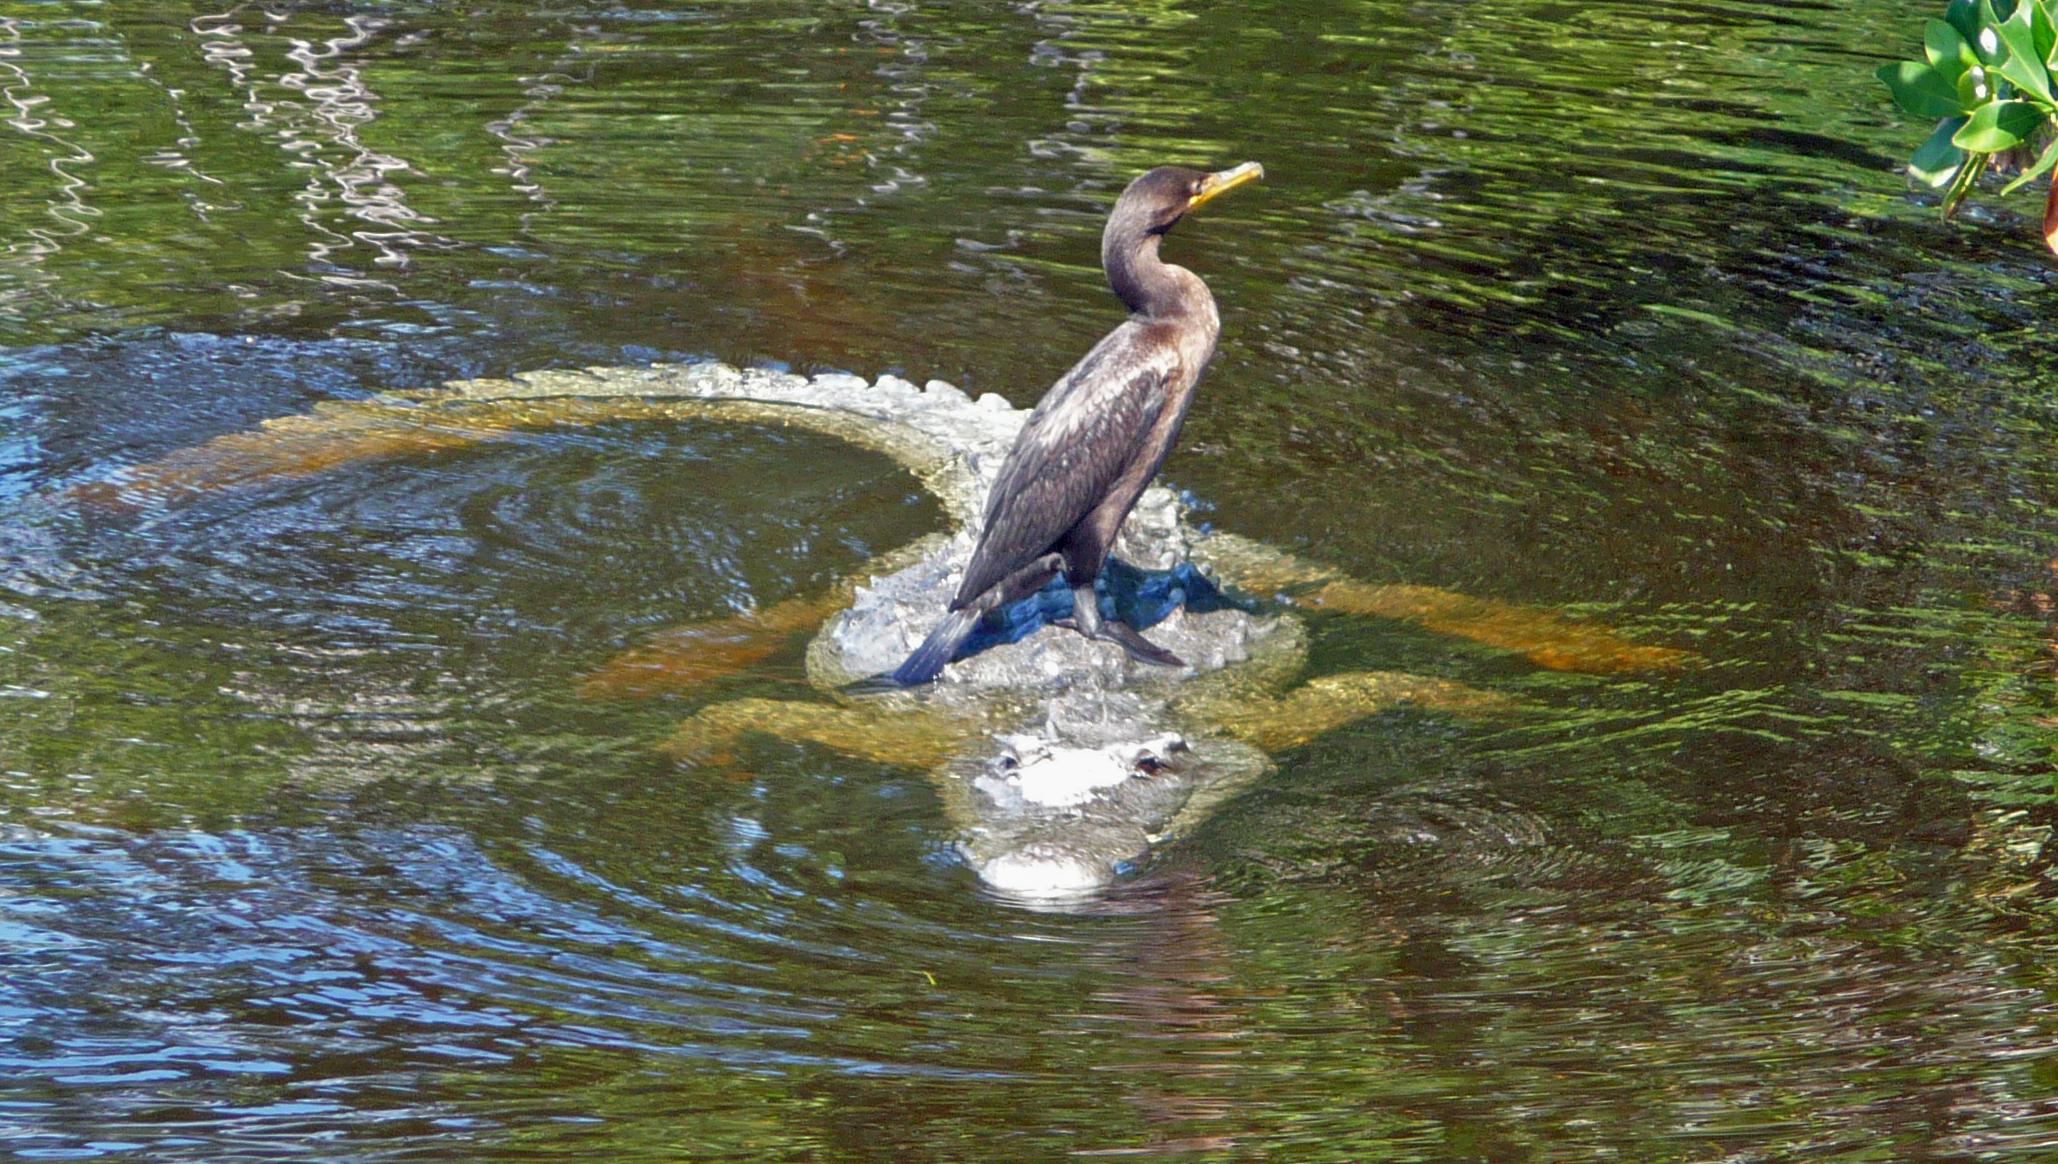 美国佛罗里达大沼泽地(Everglades) 国家公园 - 纽约文摘 - 纽约文摘